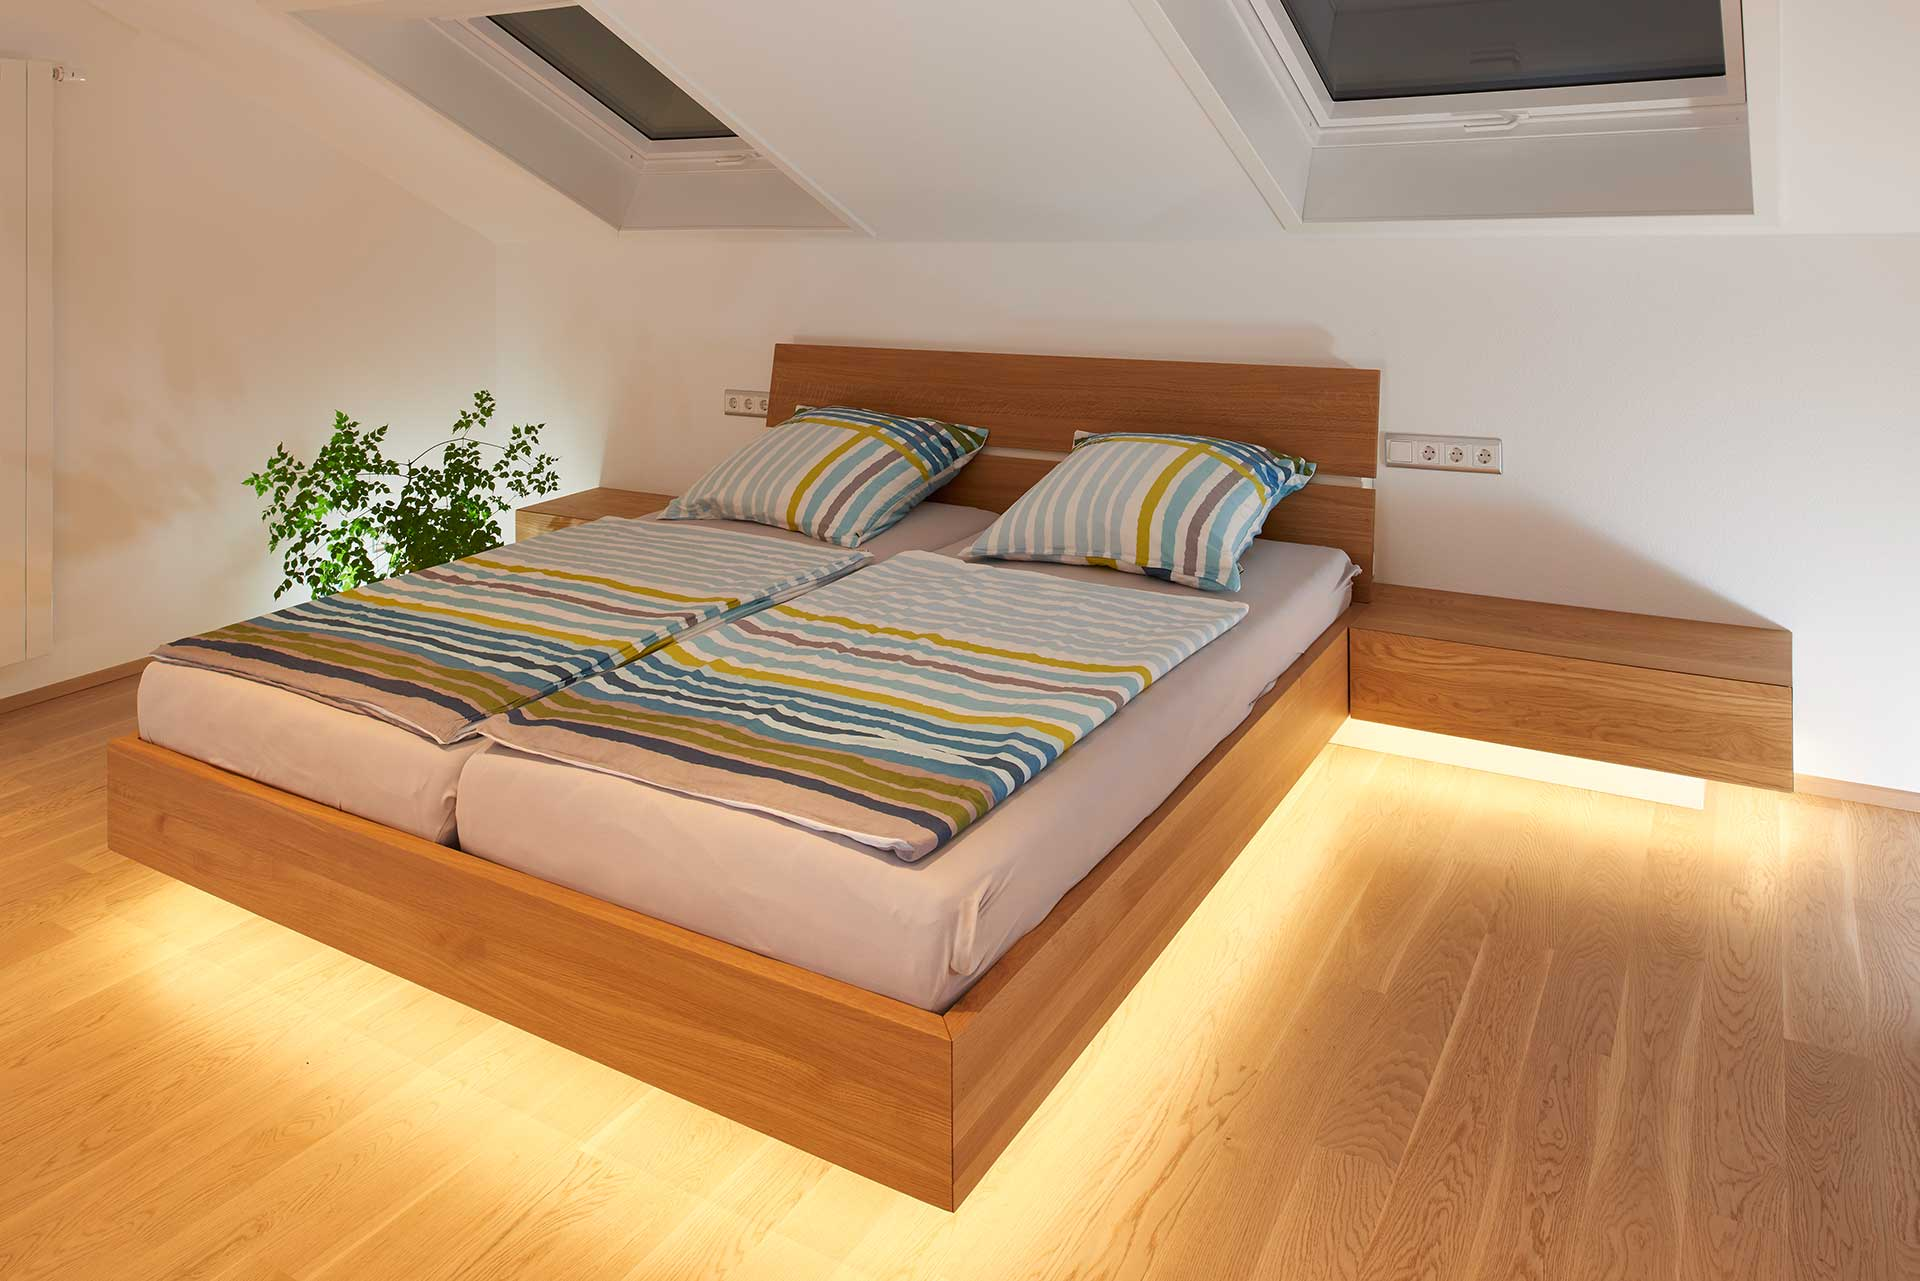 schlafzimmer 2 m bel b hler schorndorf. Black Bedroom Furniture Sets. Home Design Ideas